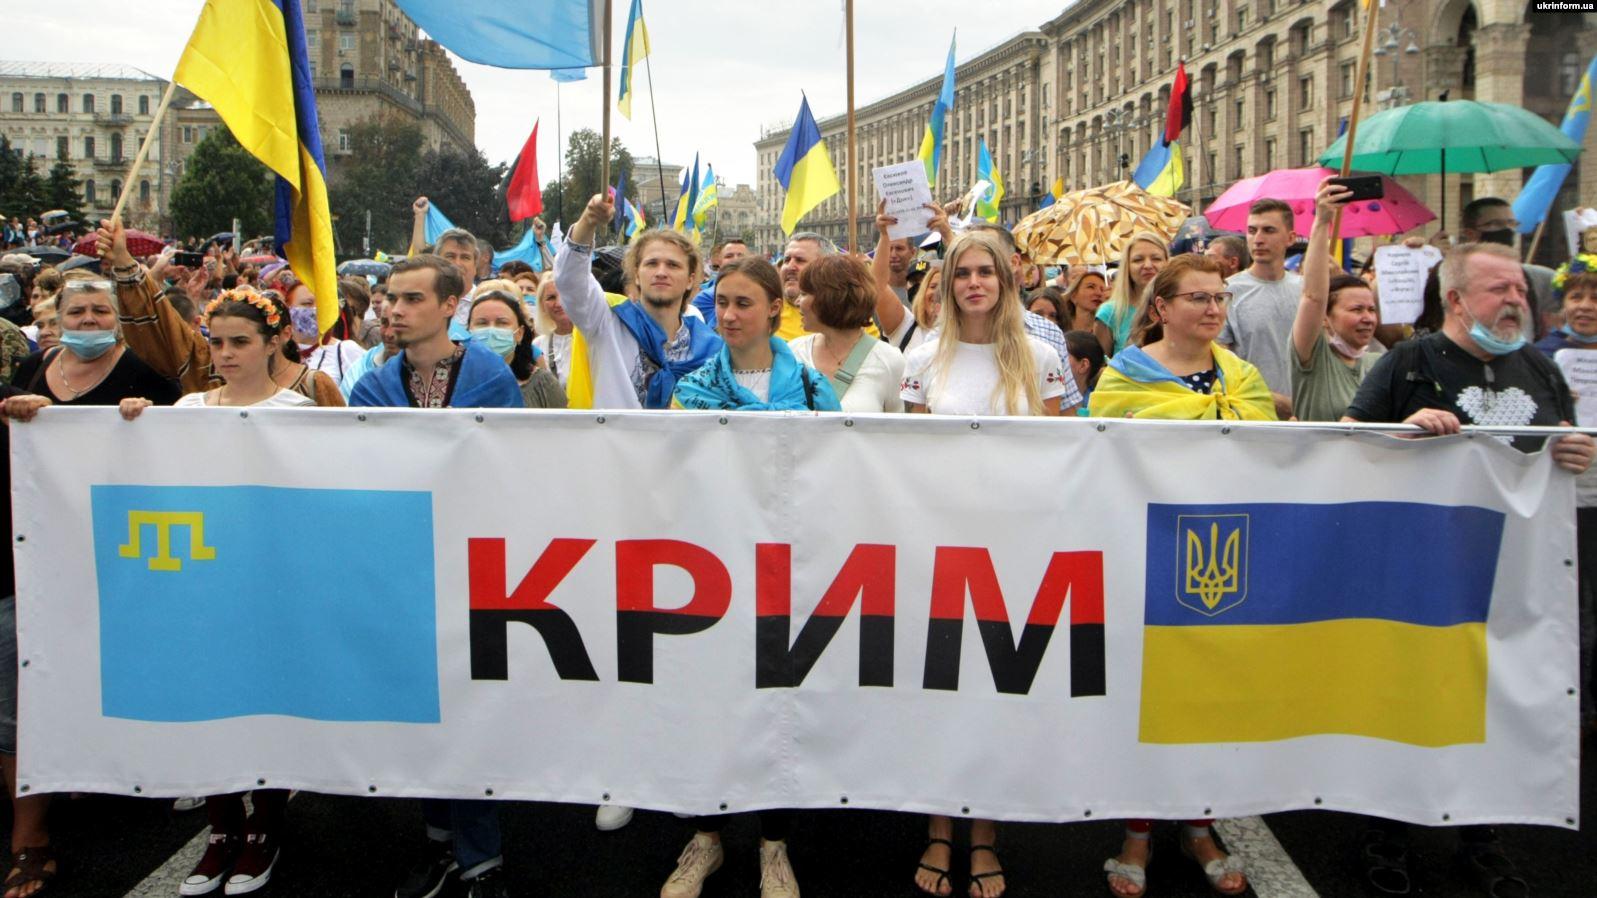 Кримська дилема для України: як дати раду троянському населенню із Росії